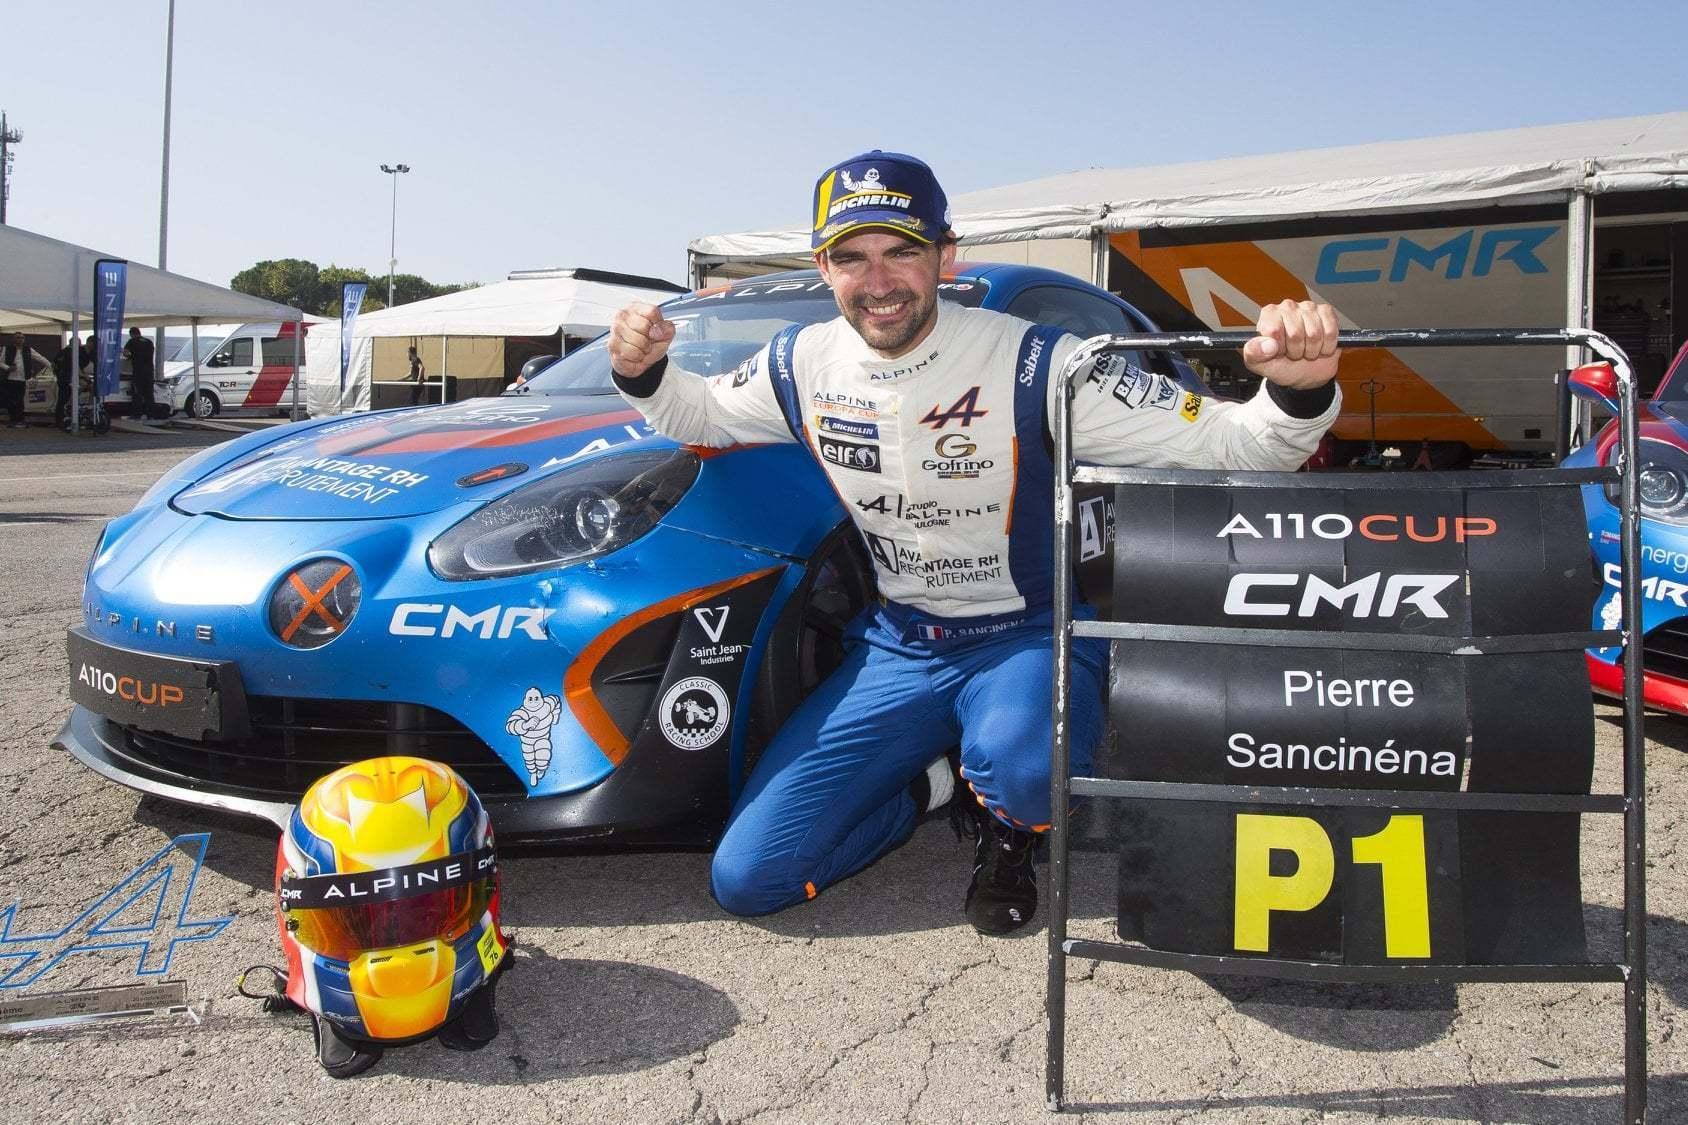 Alpine Elf Europa Cup: Pierre Sancinéna grand vainqueur du Championnat ! 3